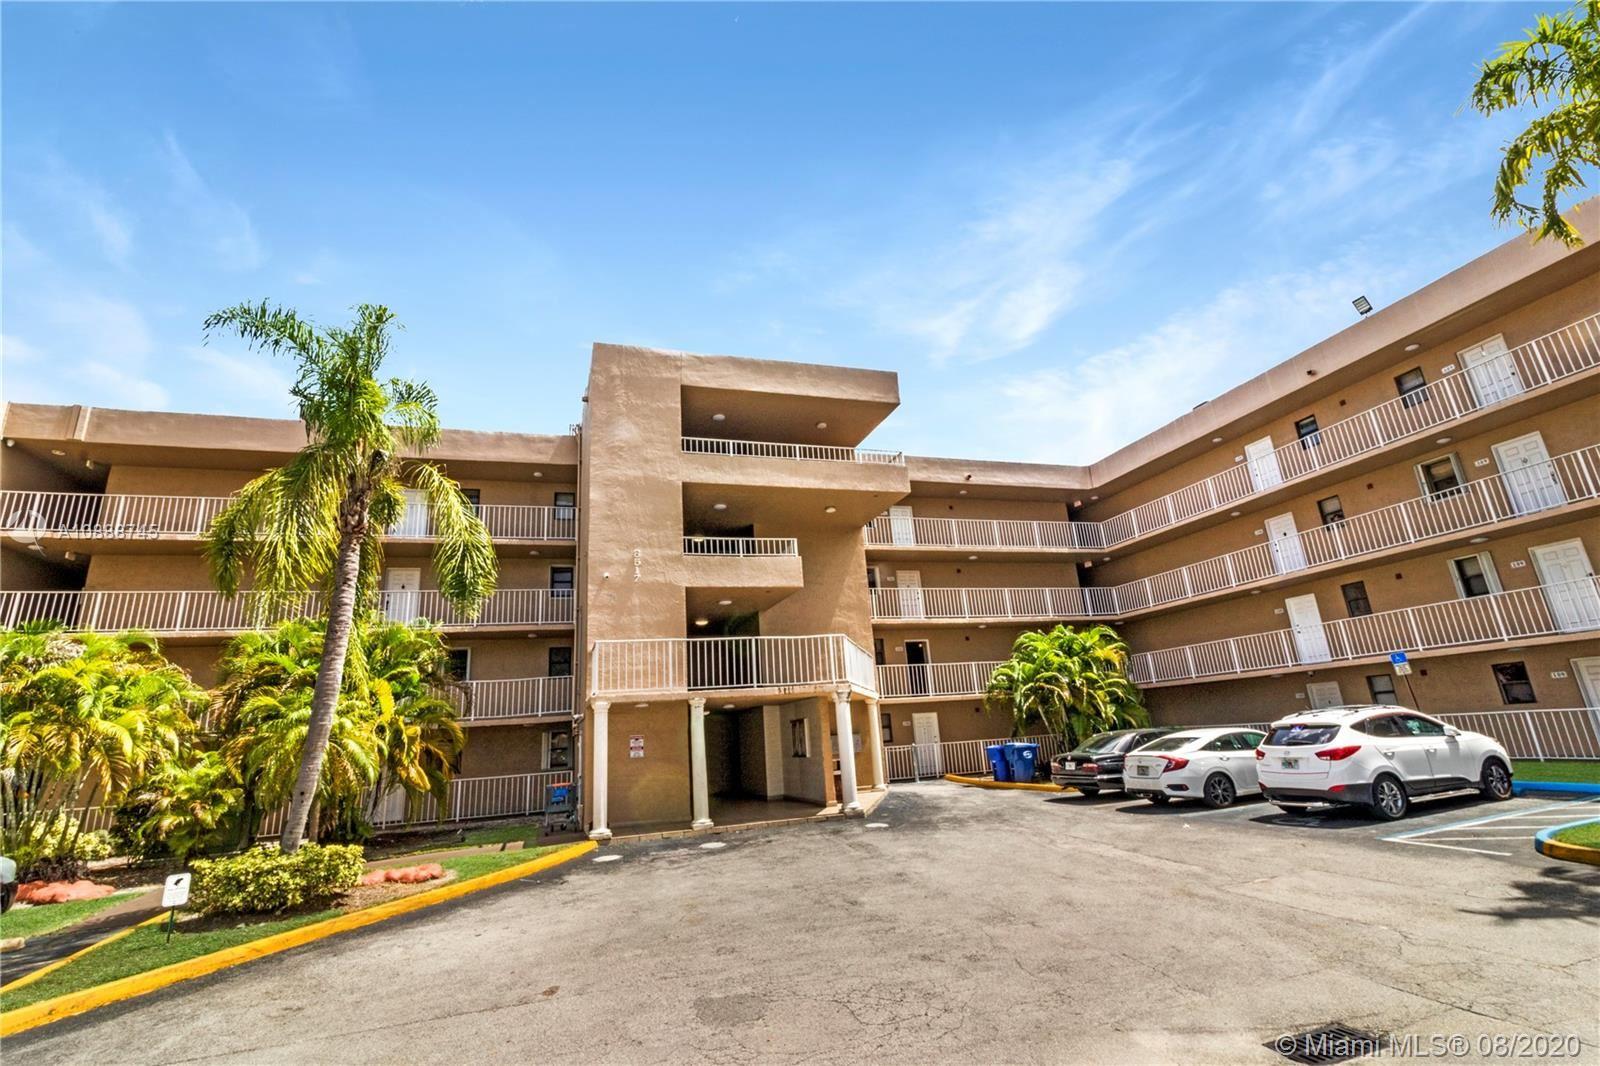 8517 NW 7th St #404, Miami, FL 33126 - #: A10888745